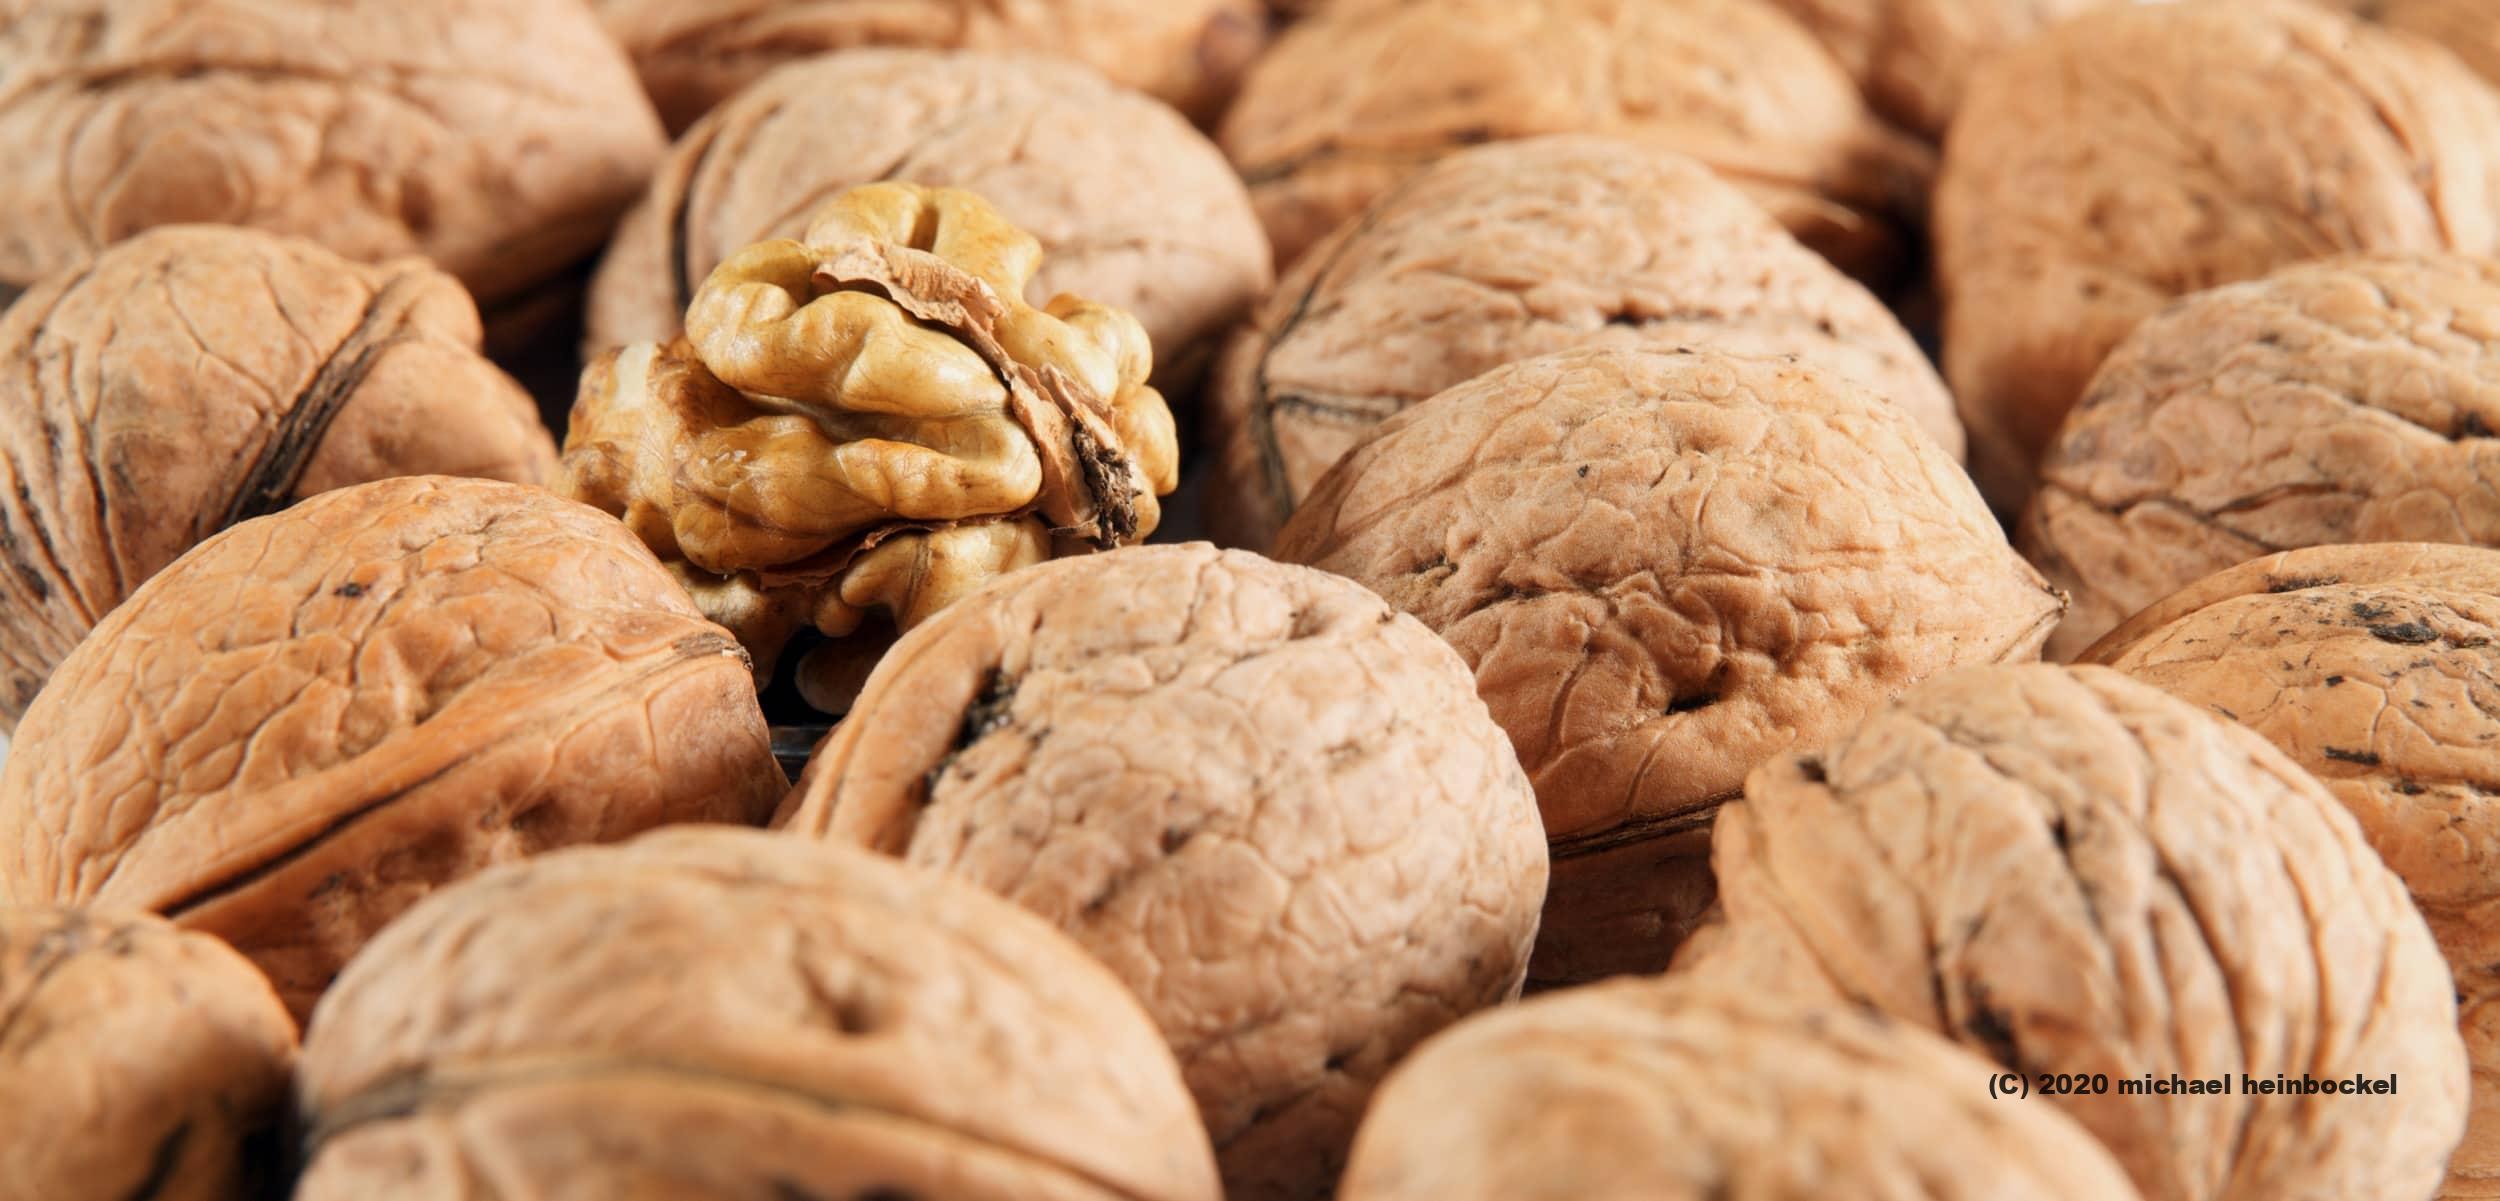 Peeled Walnut - © Michael Heinbockel